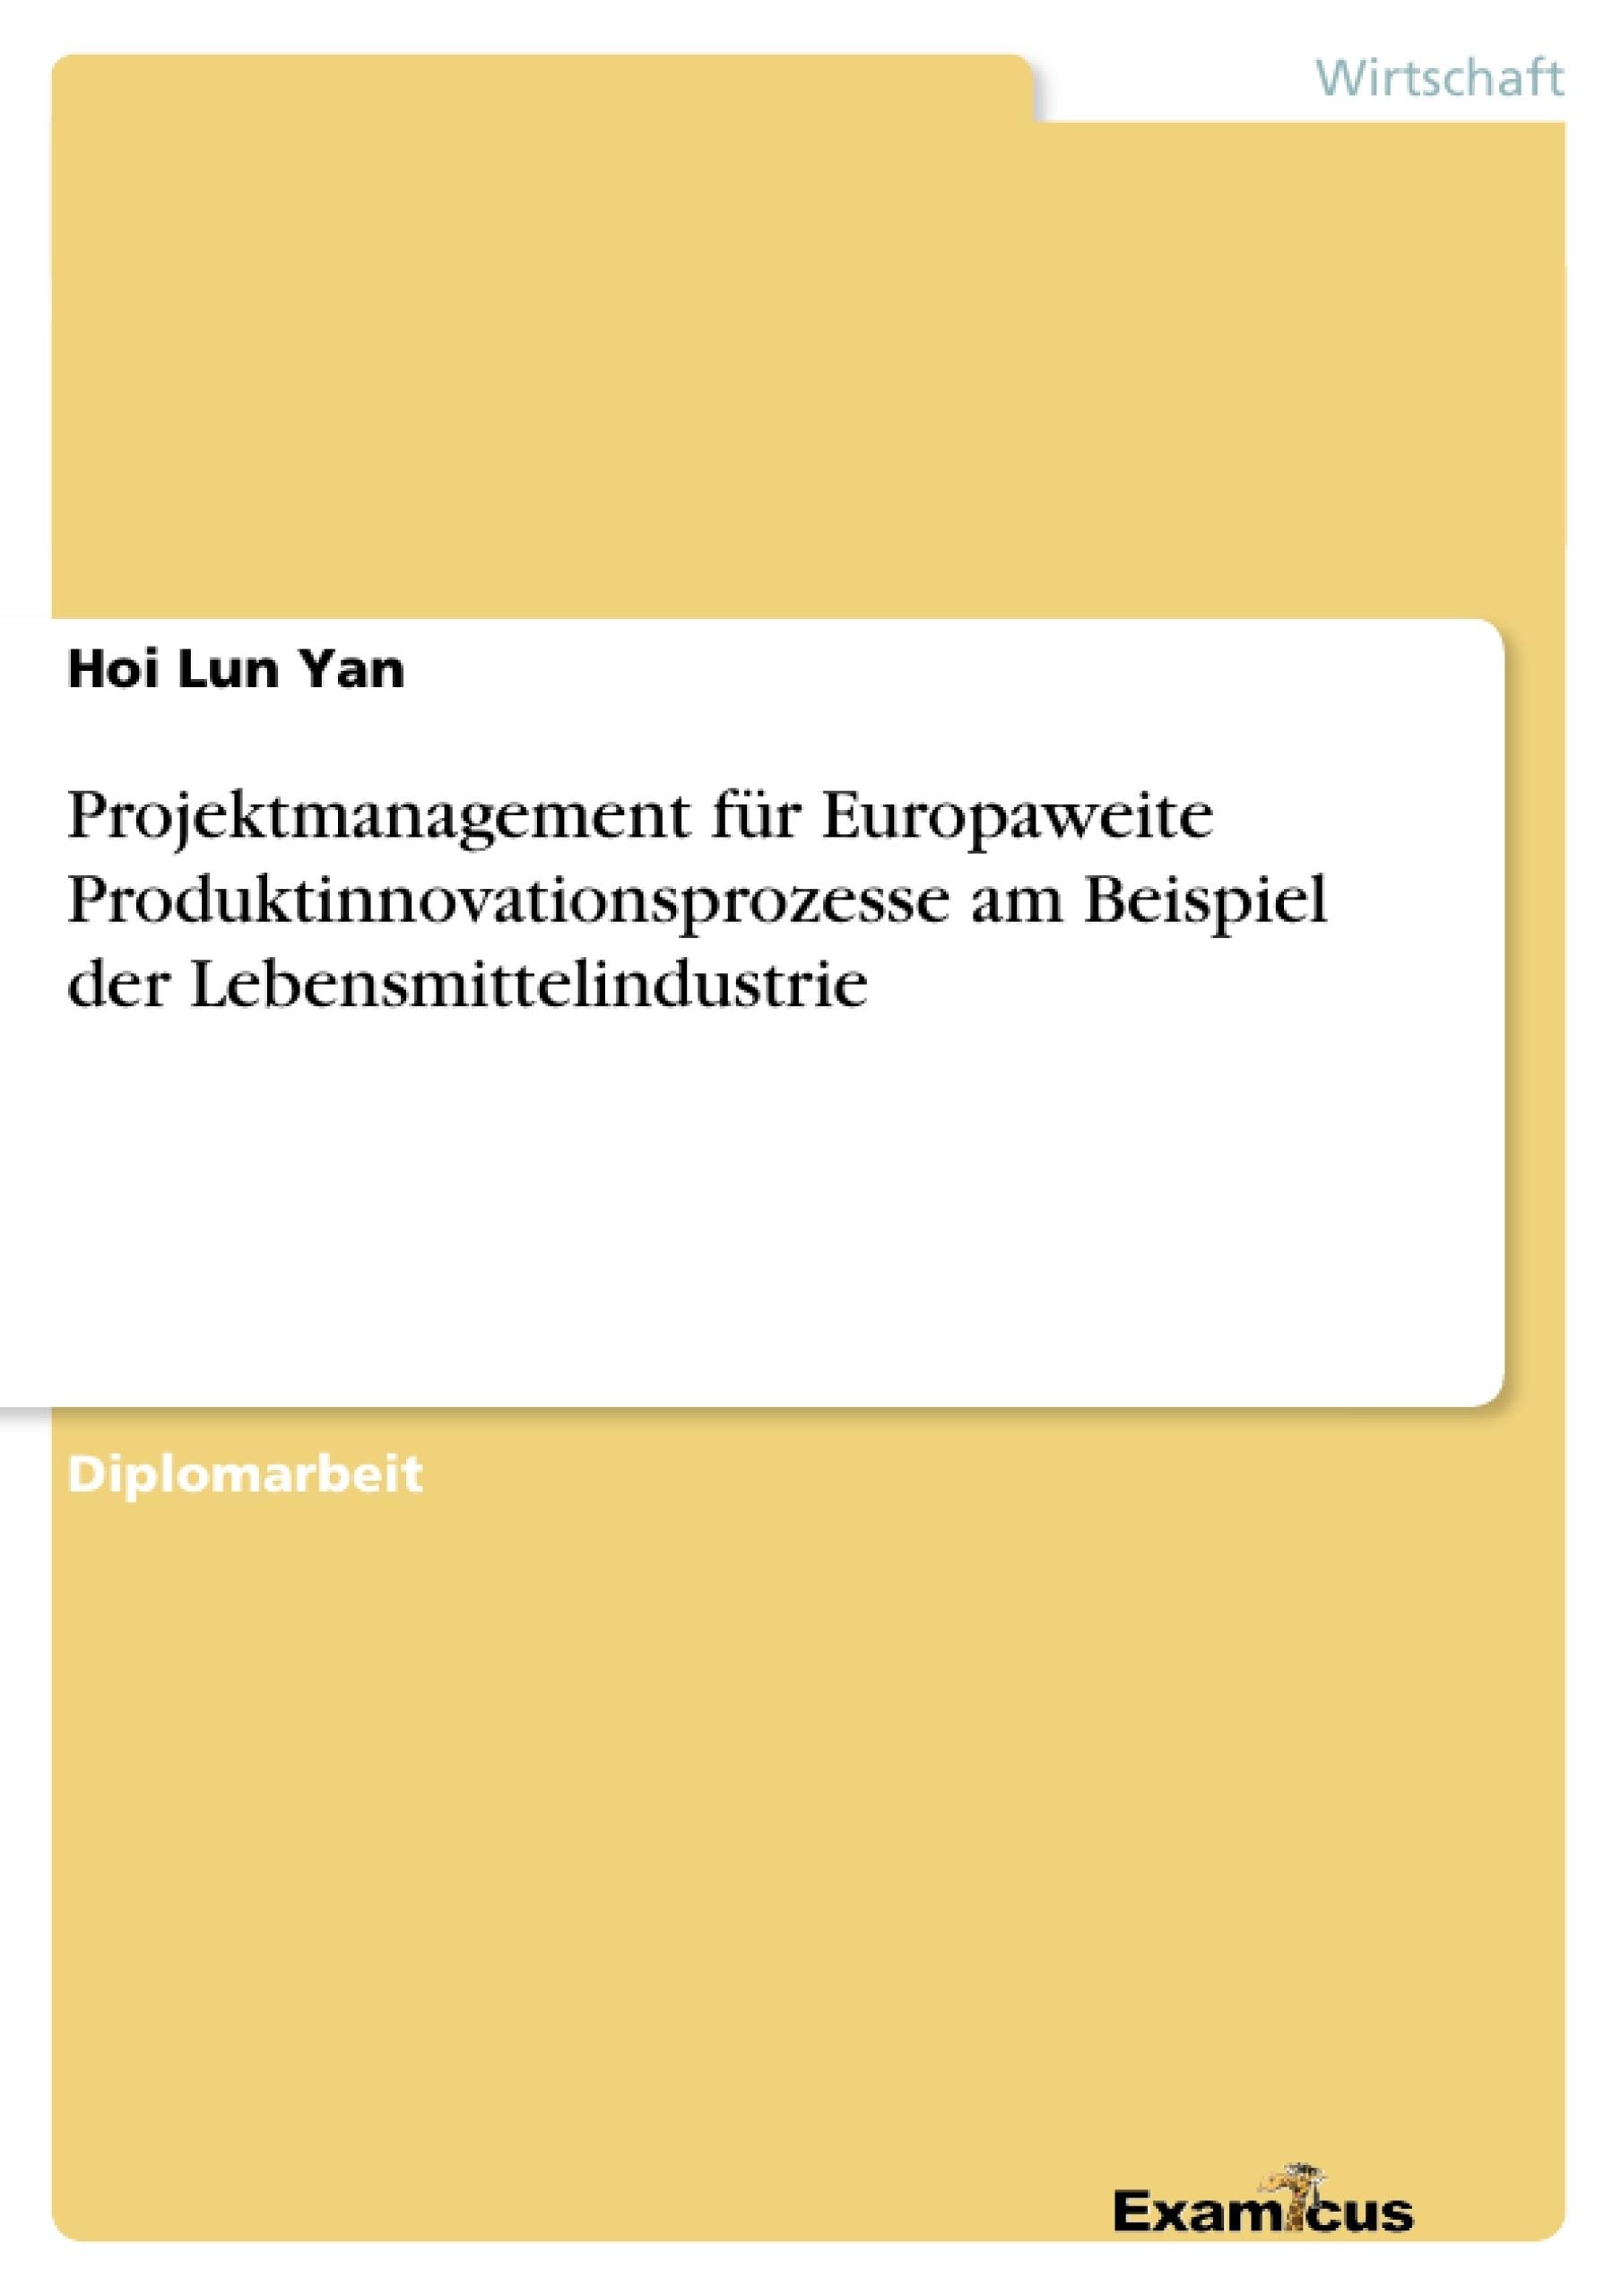 Titel: Projektmanagement für Europaweite Produktinnovationsprozesse am Beispiel der Lebensmittelindustrie